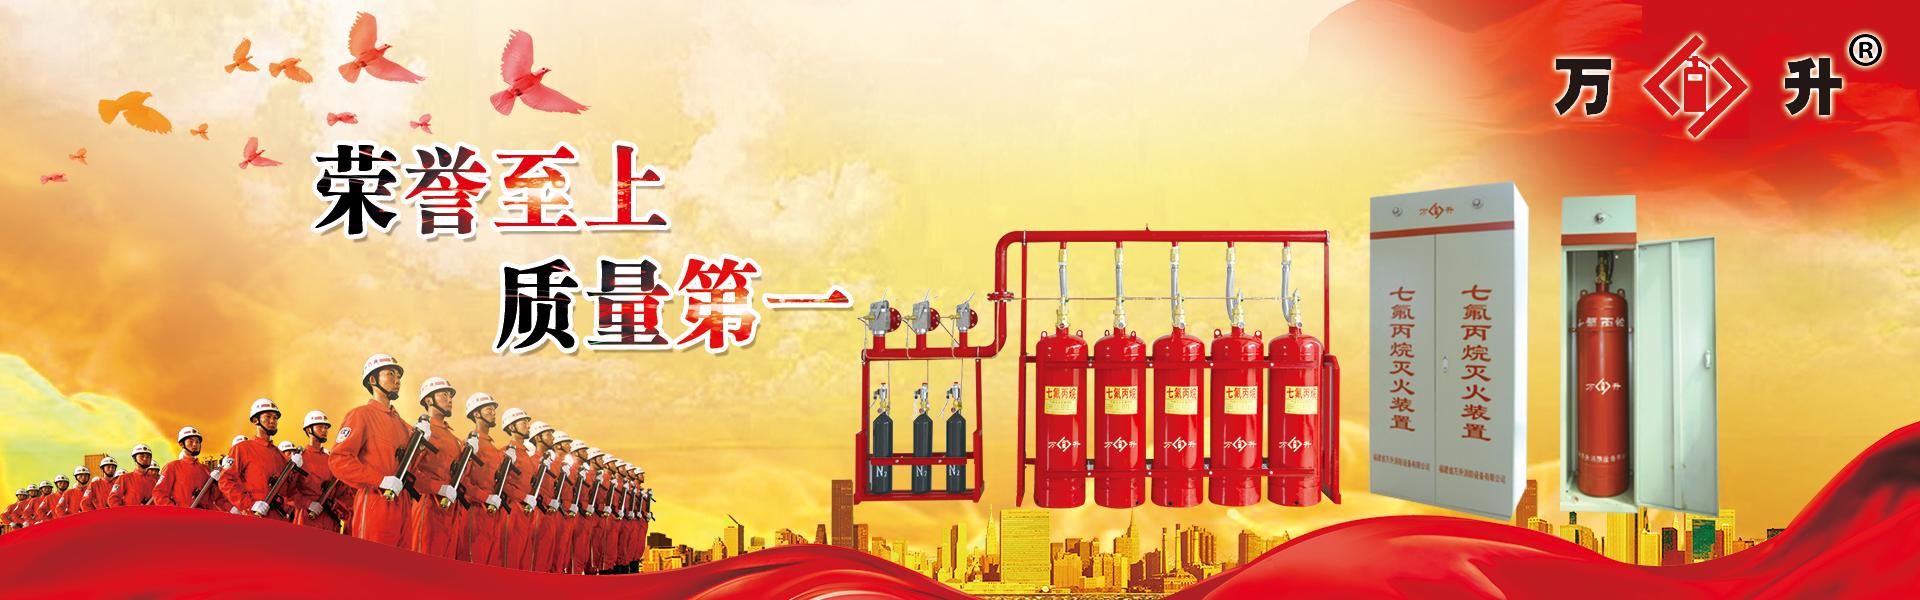 沈阳灭火装置,辽宁气体灭火装置 沈阳气体消防 沈阳消防器材